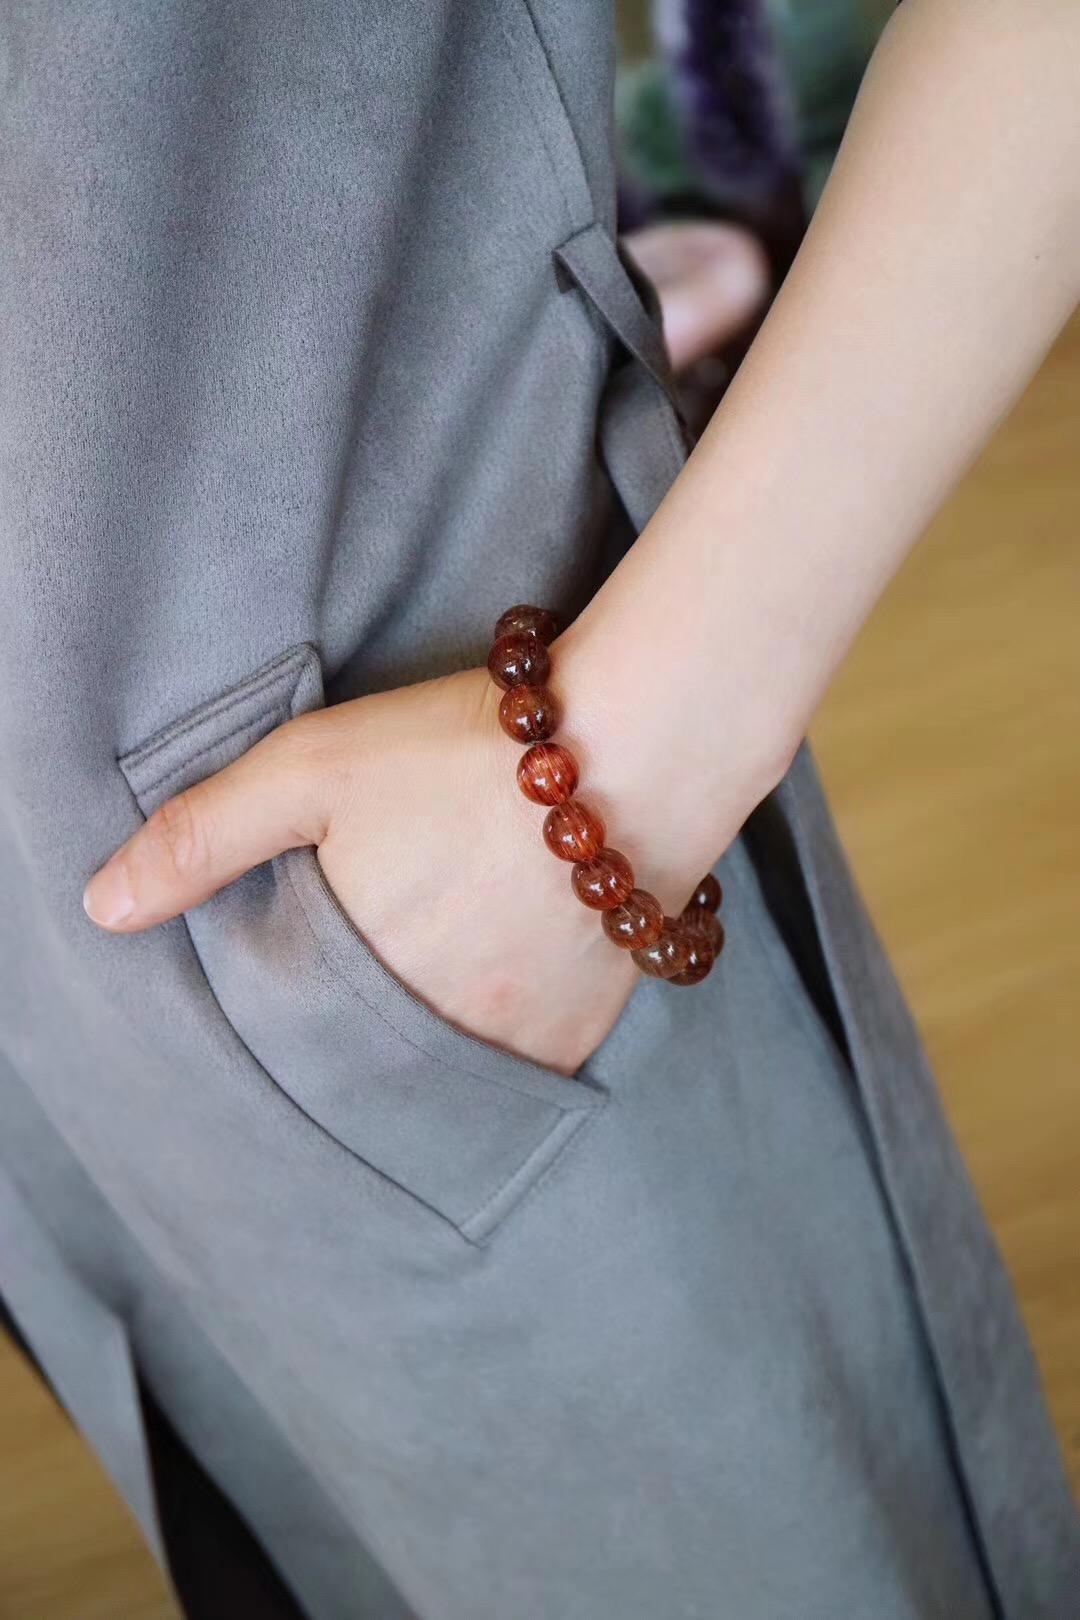 【菩心-铜发晶】戴铜发晶的女子,别有一番风味-菩心晶舍